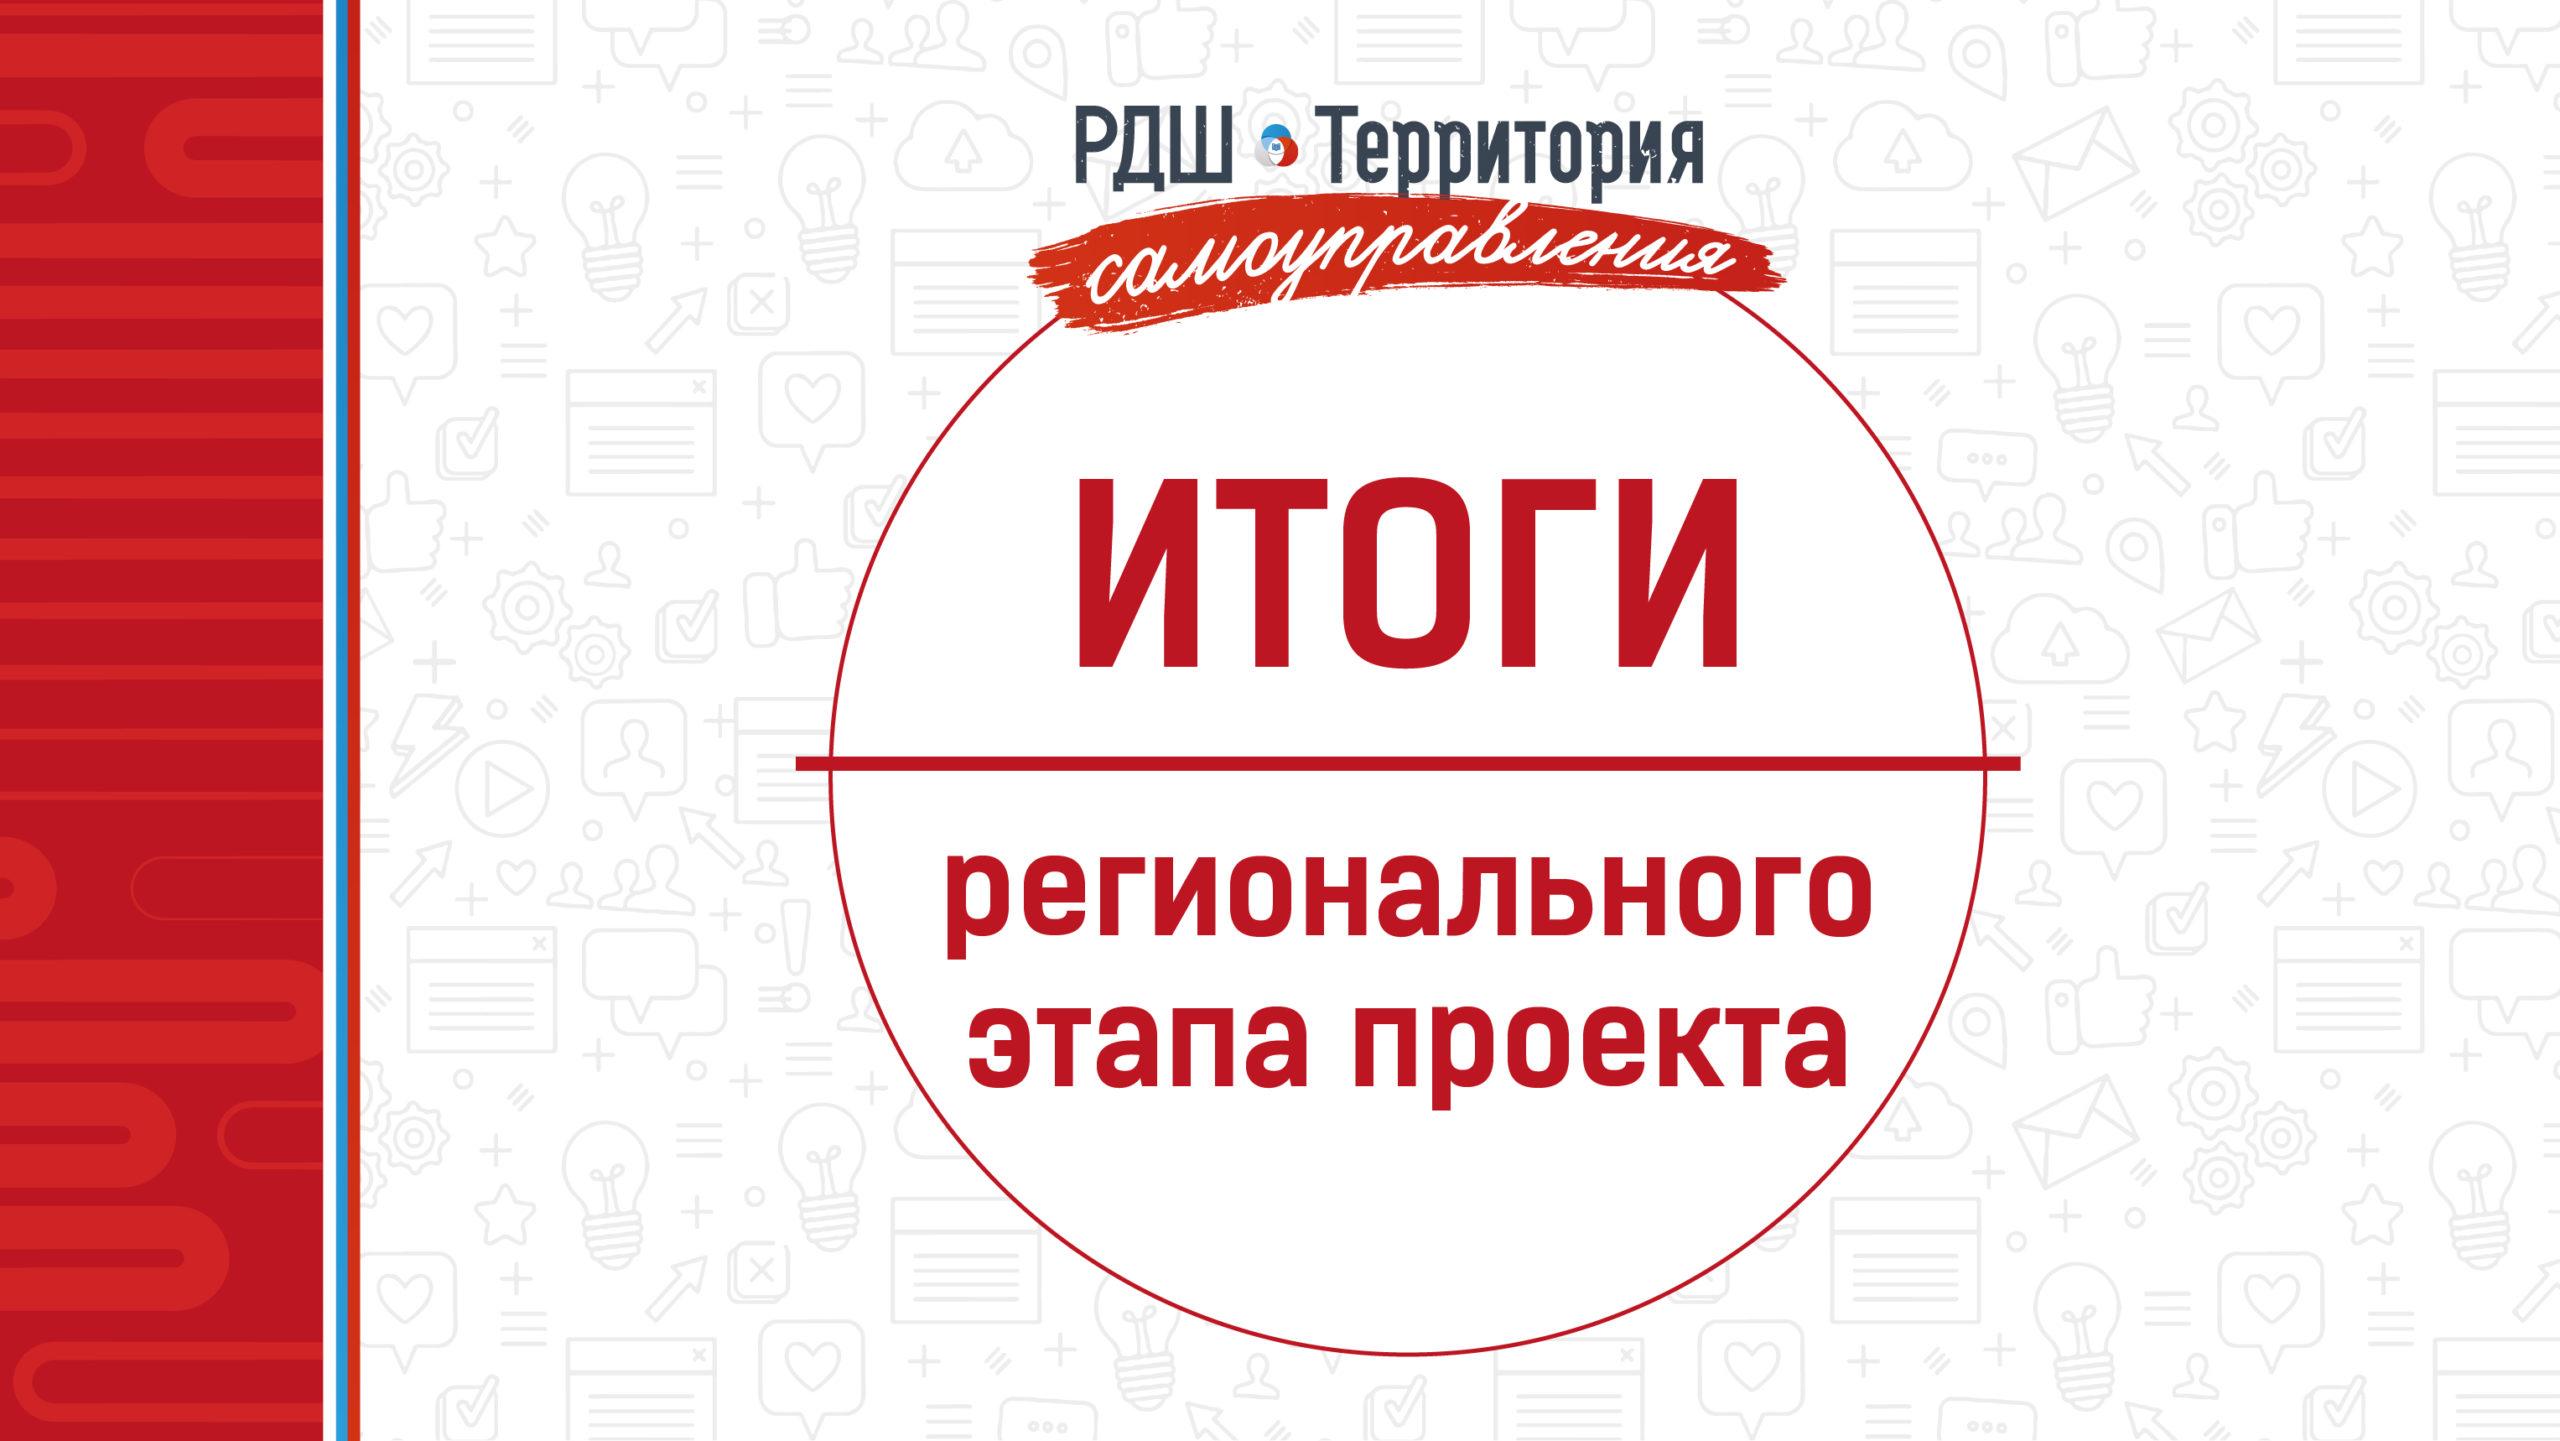 В Ленинградской области подведены итоги регионального этапа проекта  «РДШ – Территория самоуправления»